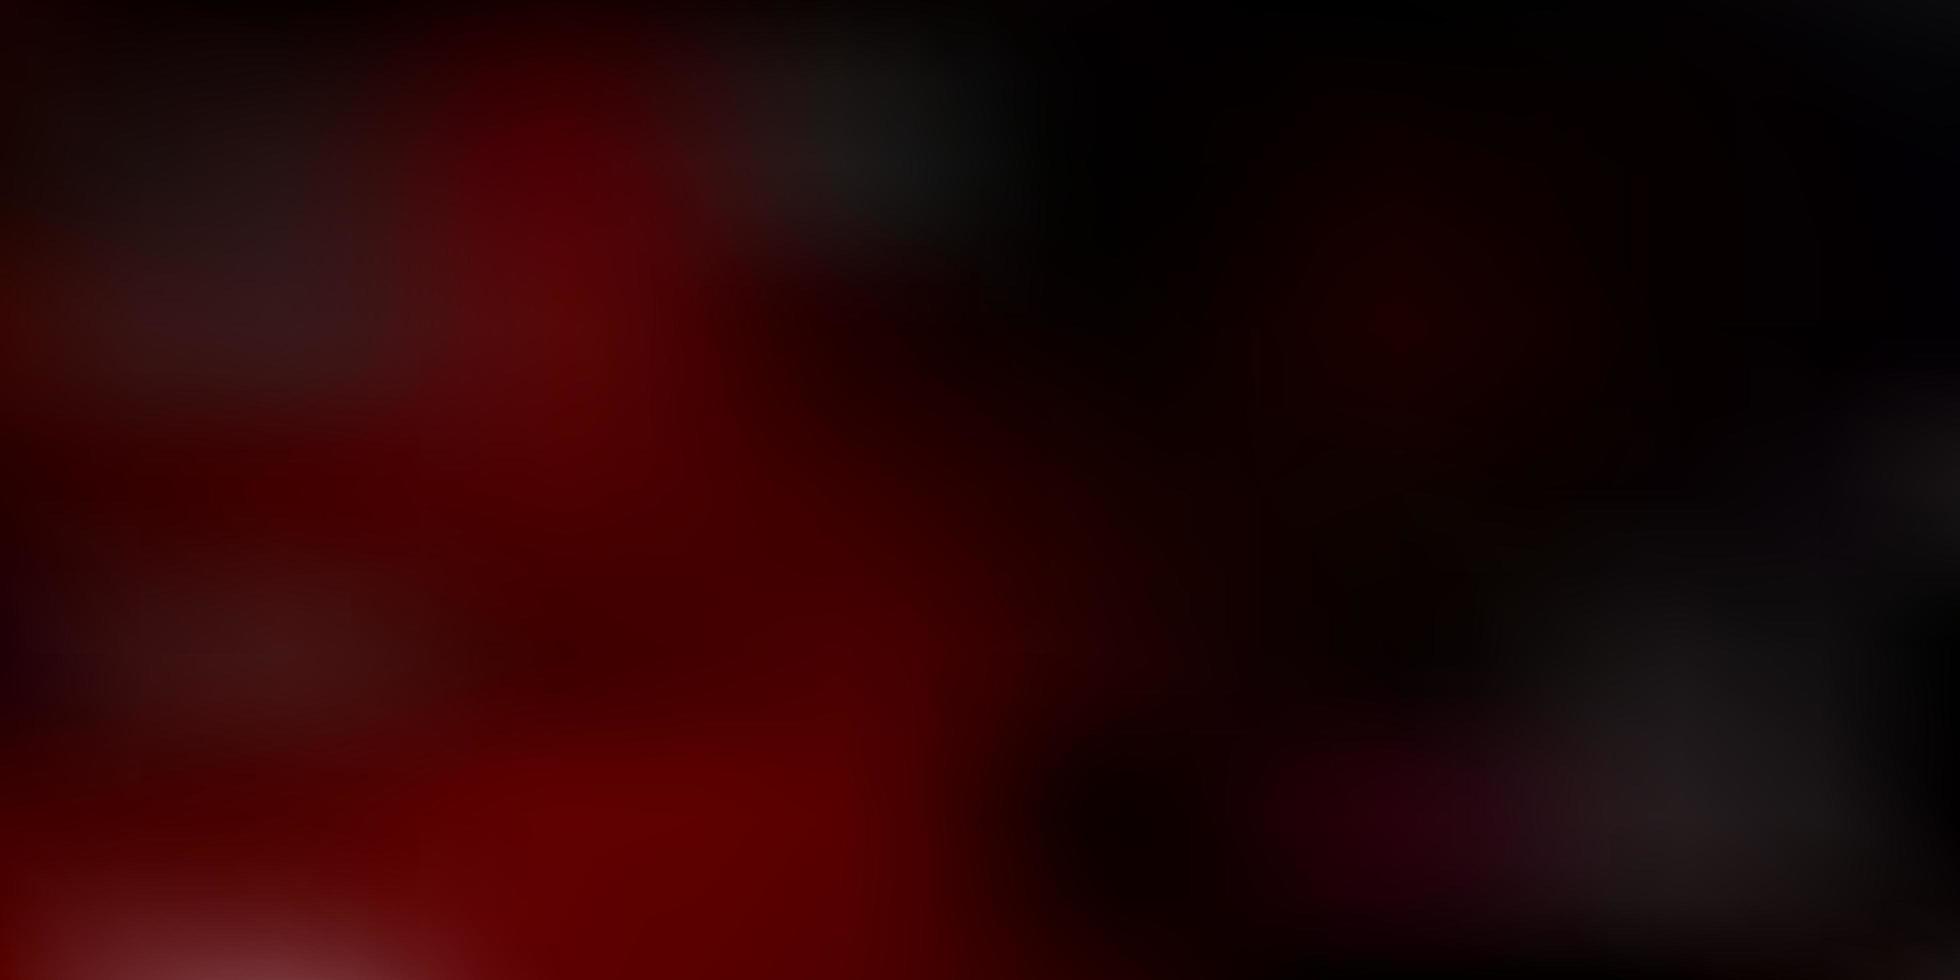 fundo do borrão do sumário do vetor vermelho escuro.